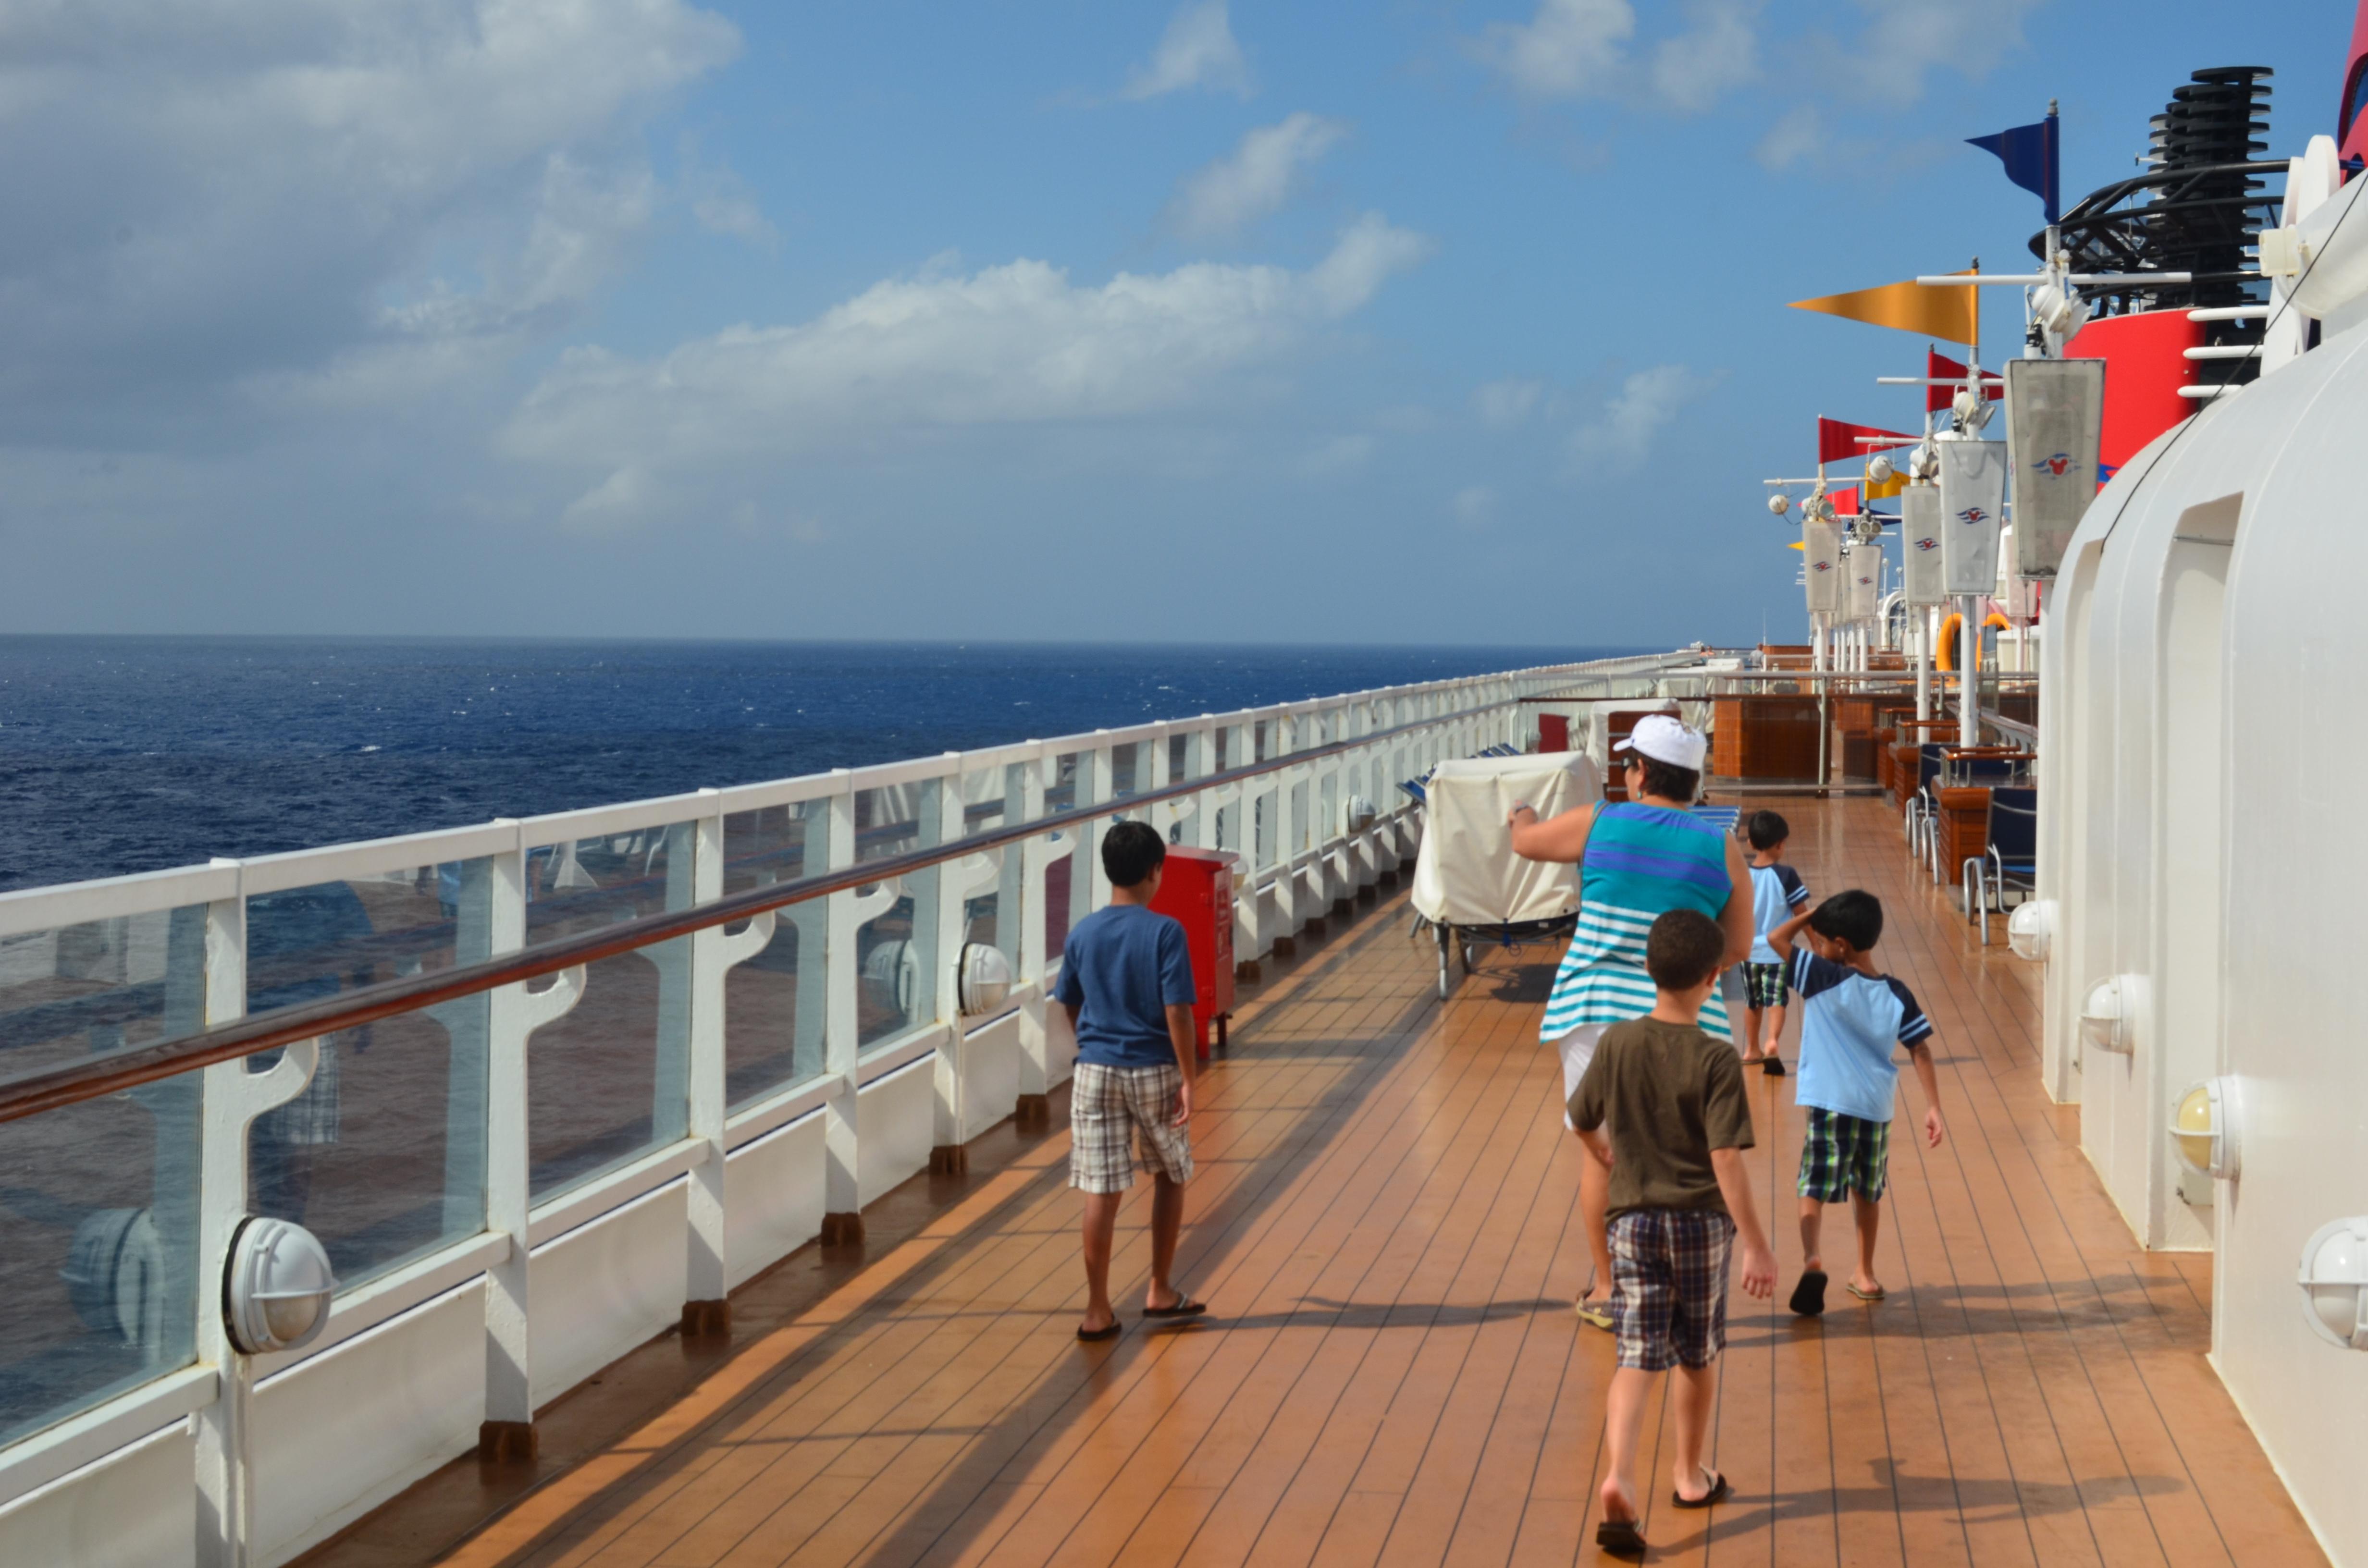 Disney Magic Cruise Days At Sea DCLTexas Social Savvy Mom - Cruises out of galveston texas